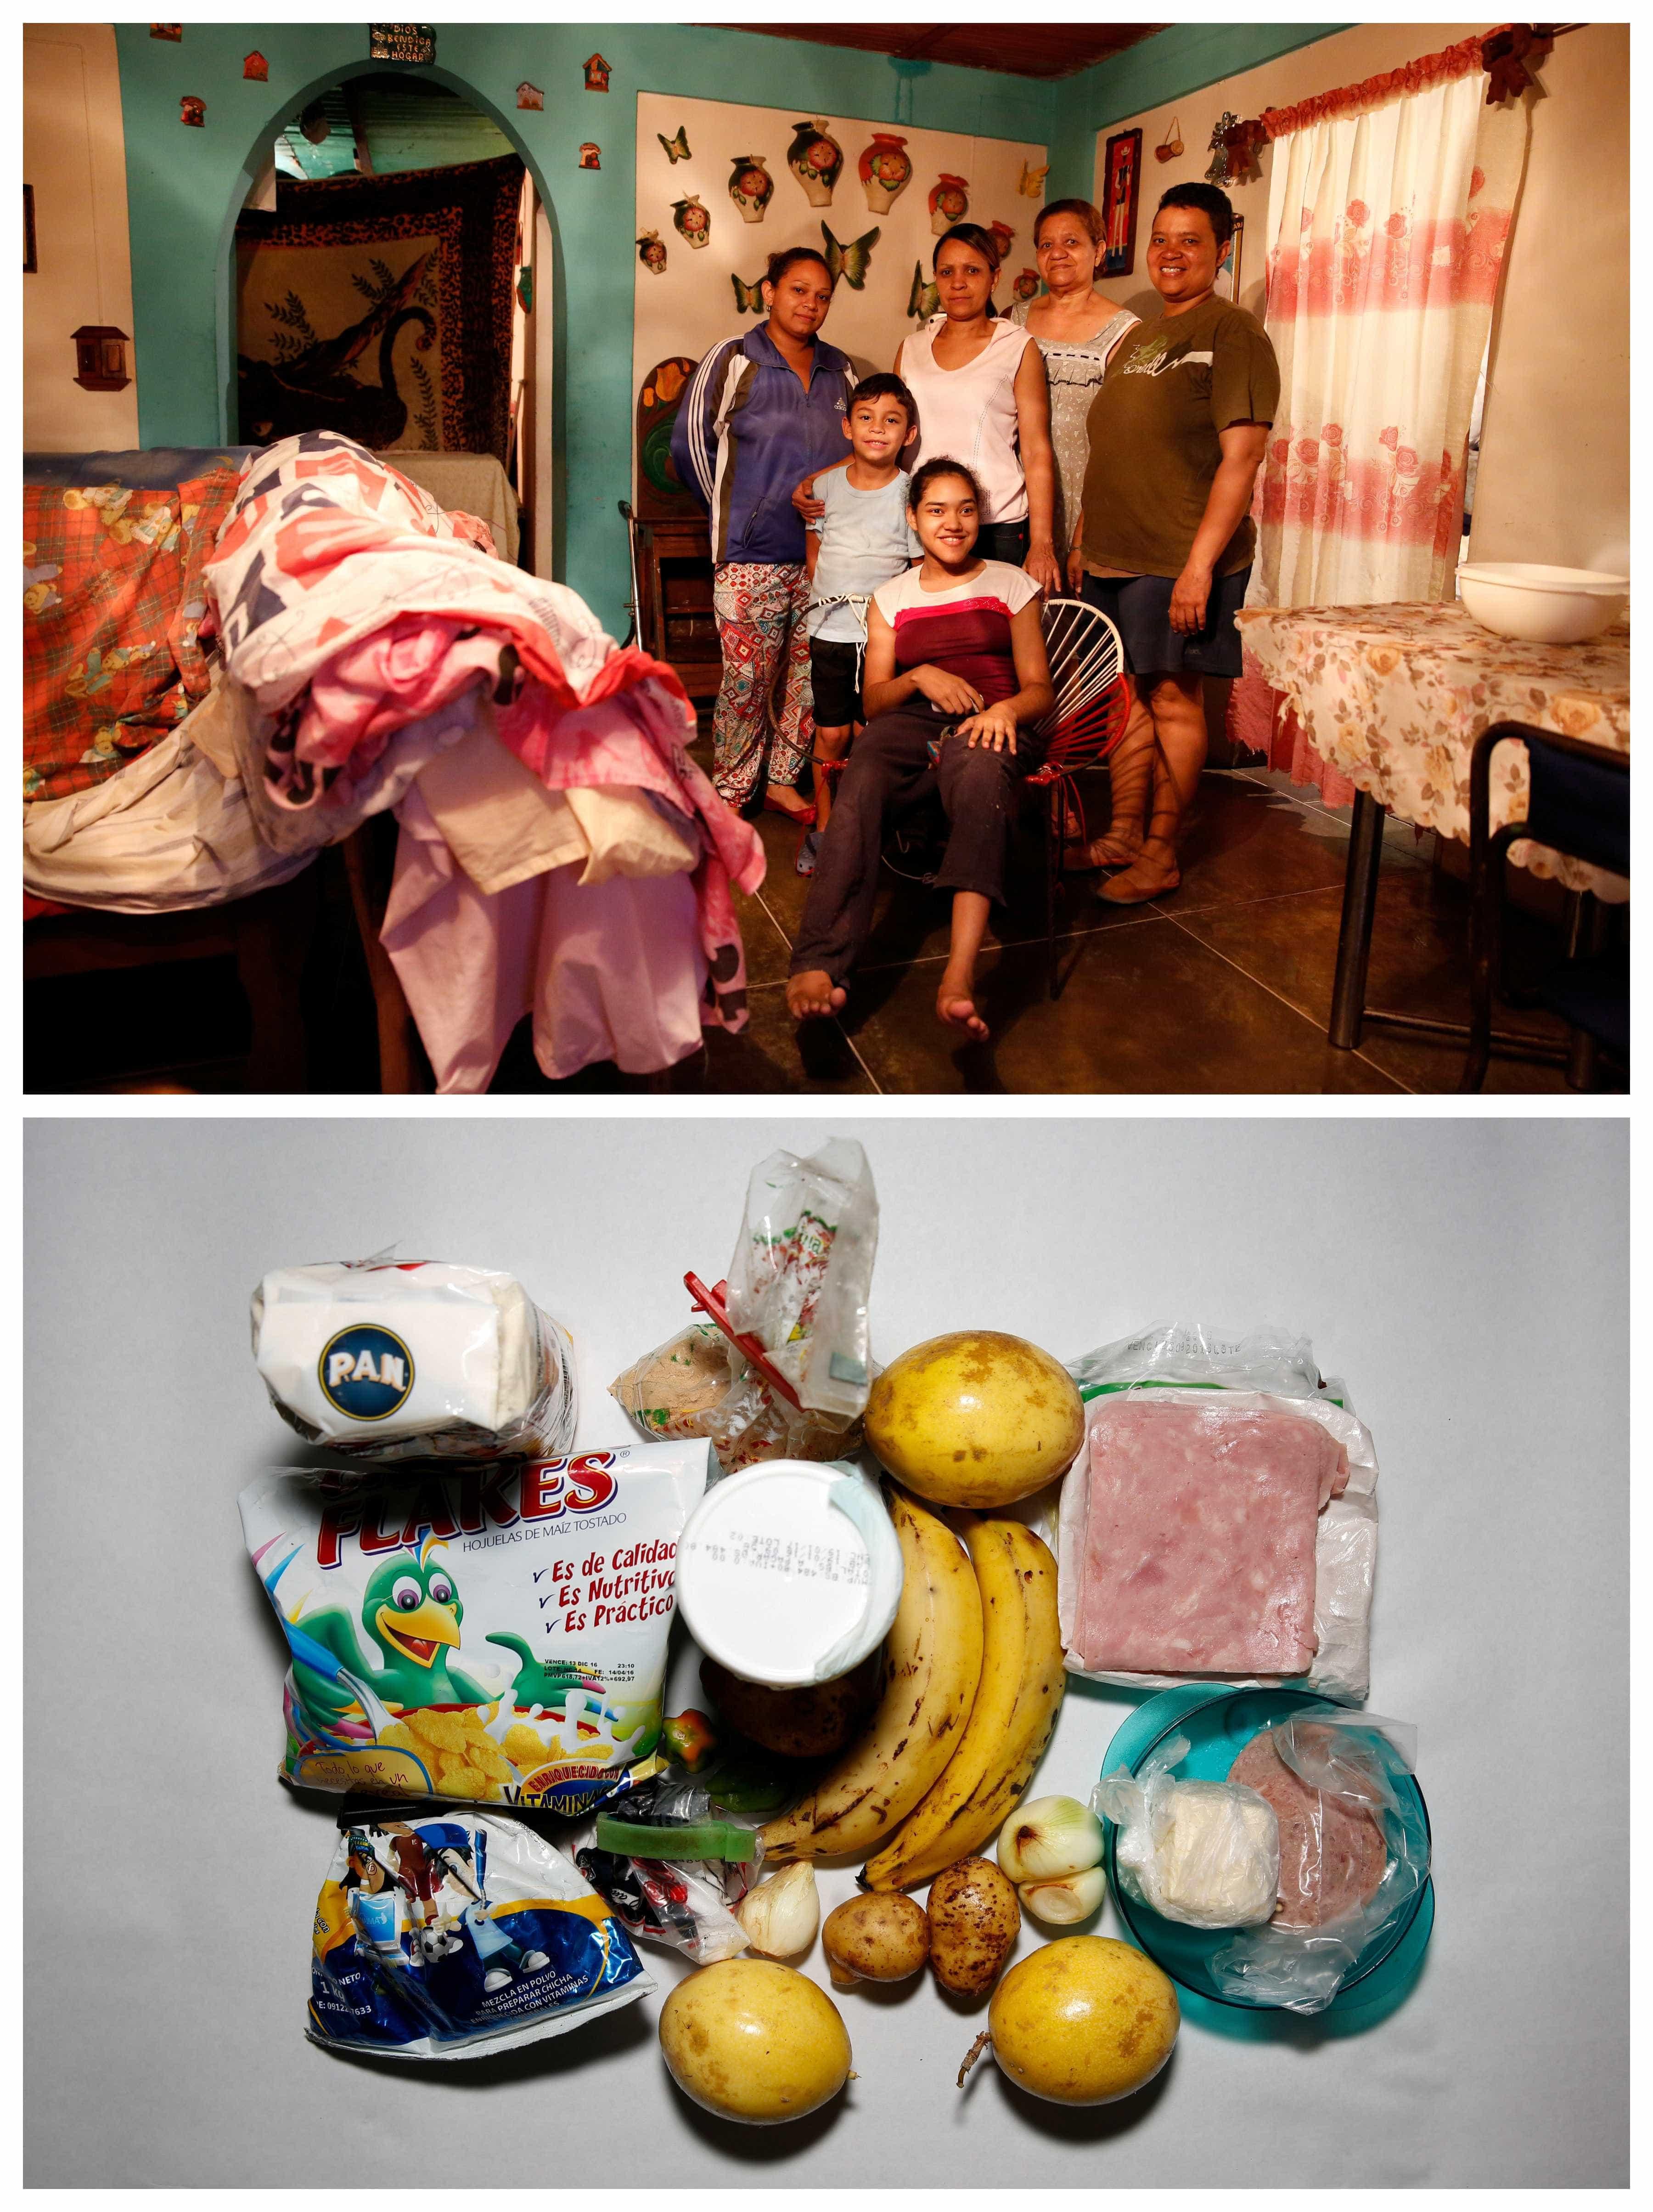 Frigoríficos vazios de uma Venezuela sem eletricidade